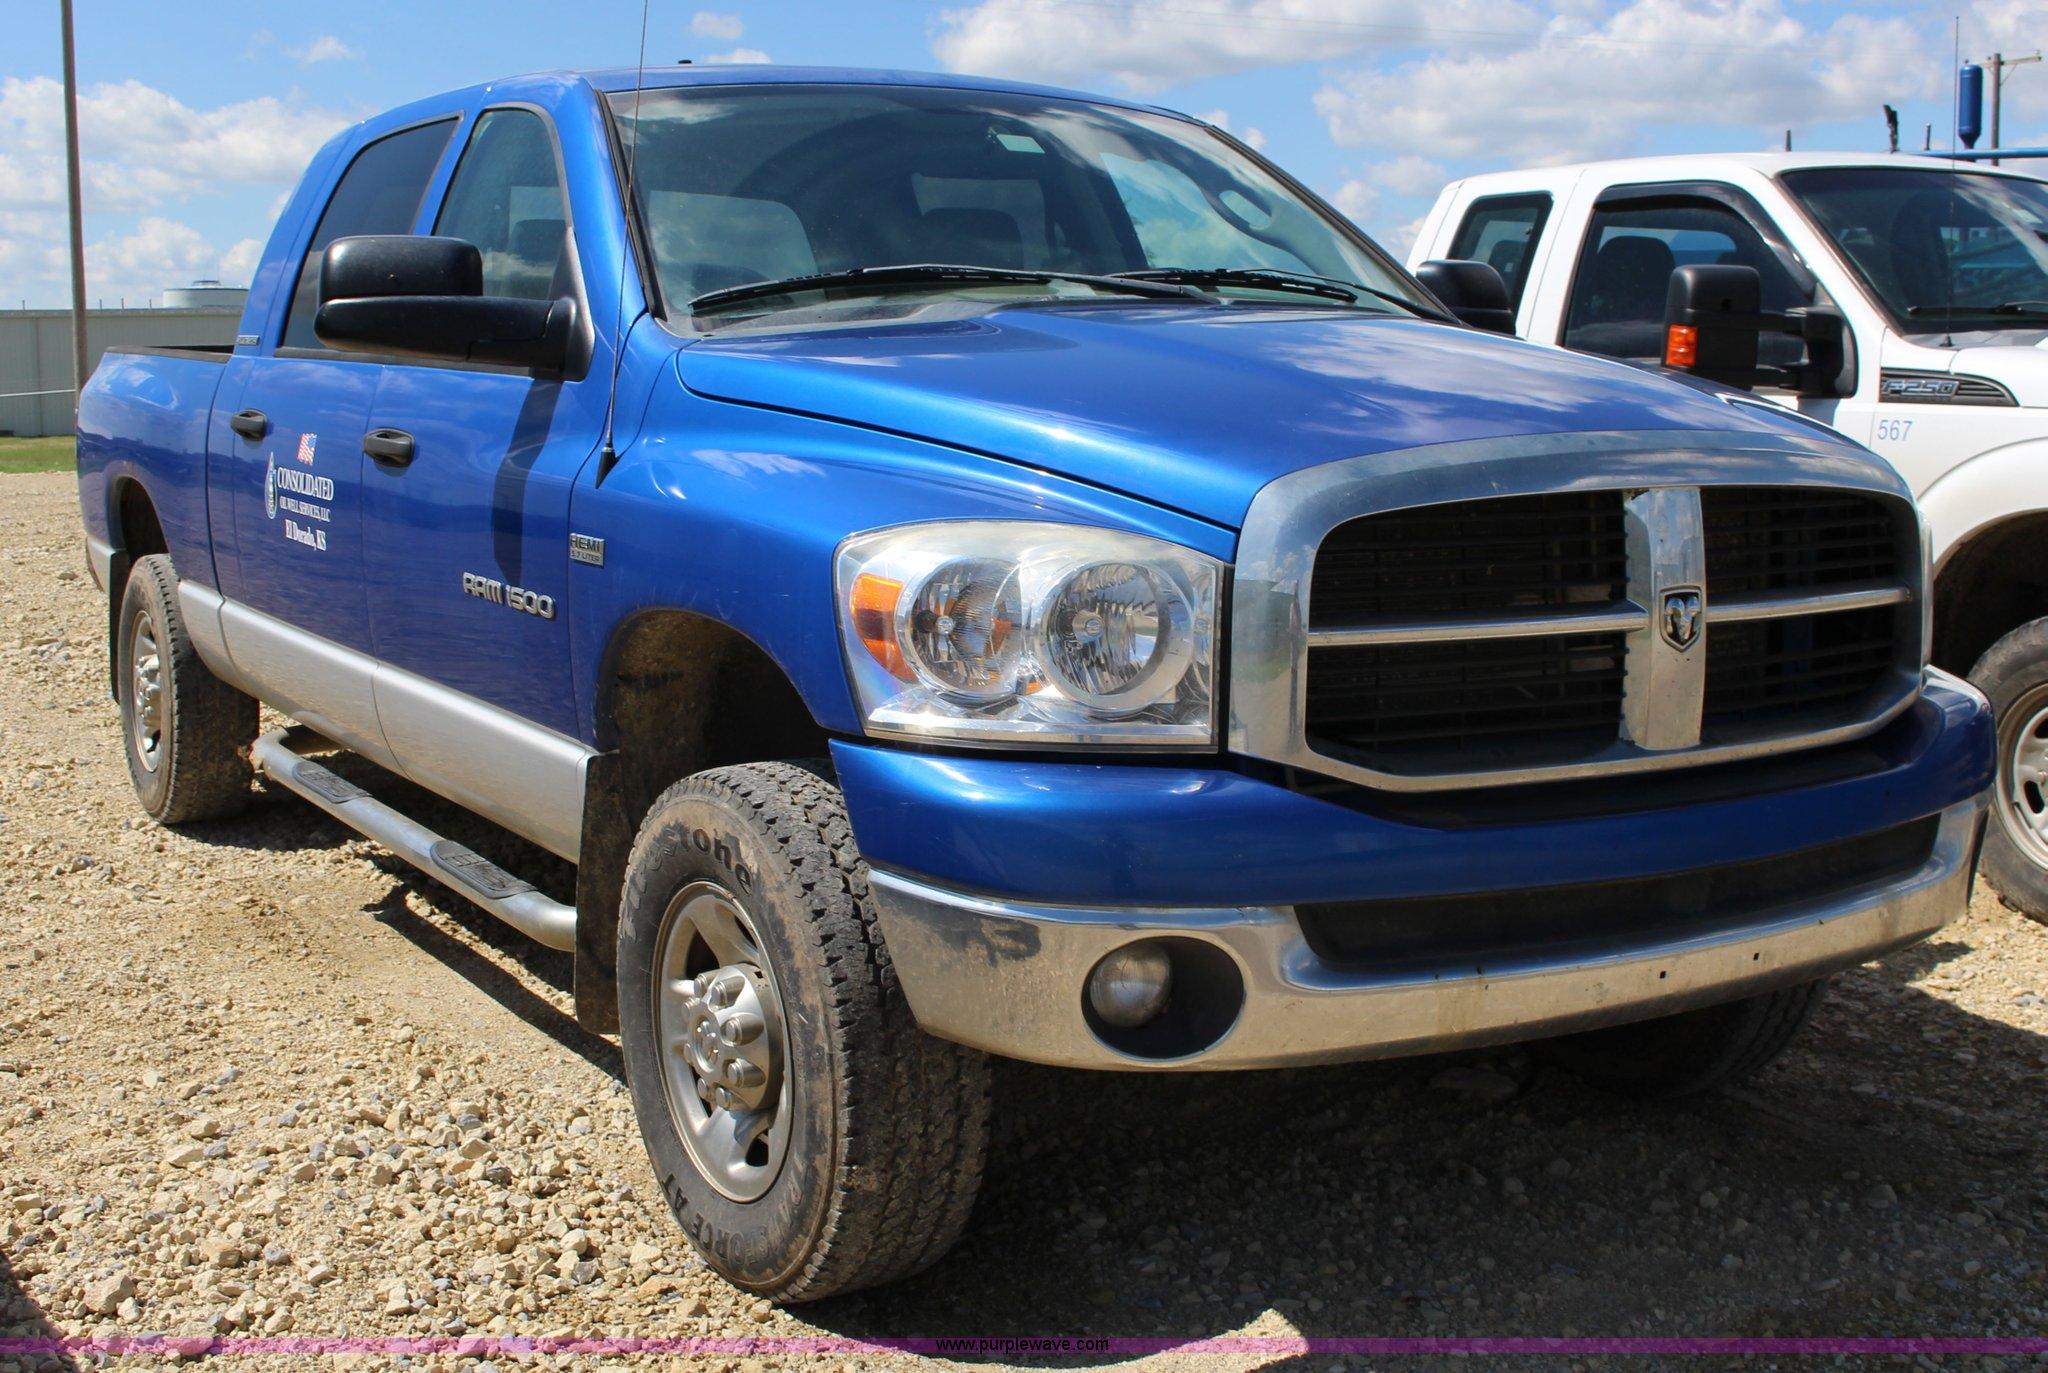 2007 Dodge Ram 1500 Mega Cab Pickup Truck In El Dorado Ks Item K1158 Sold Purple Wave